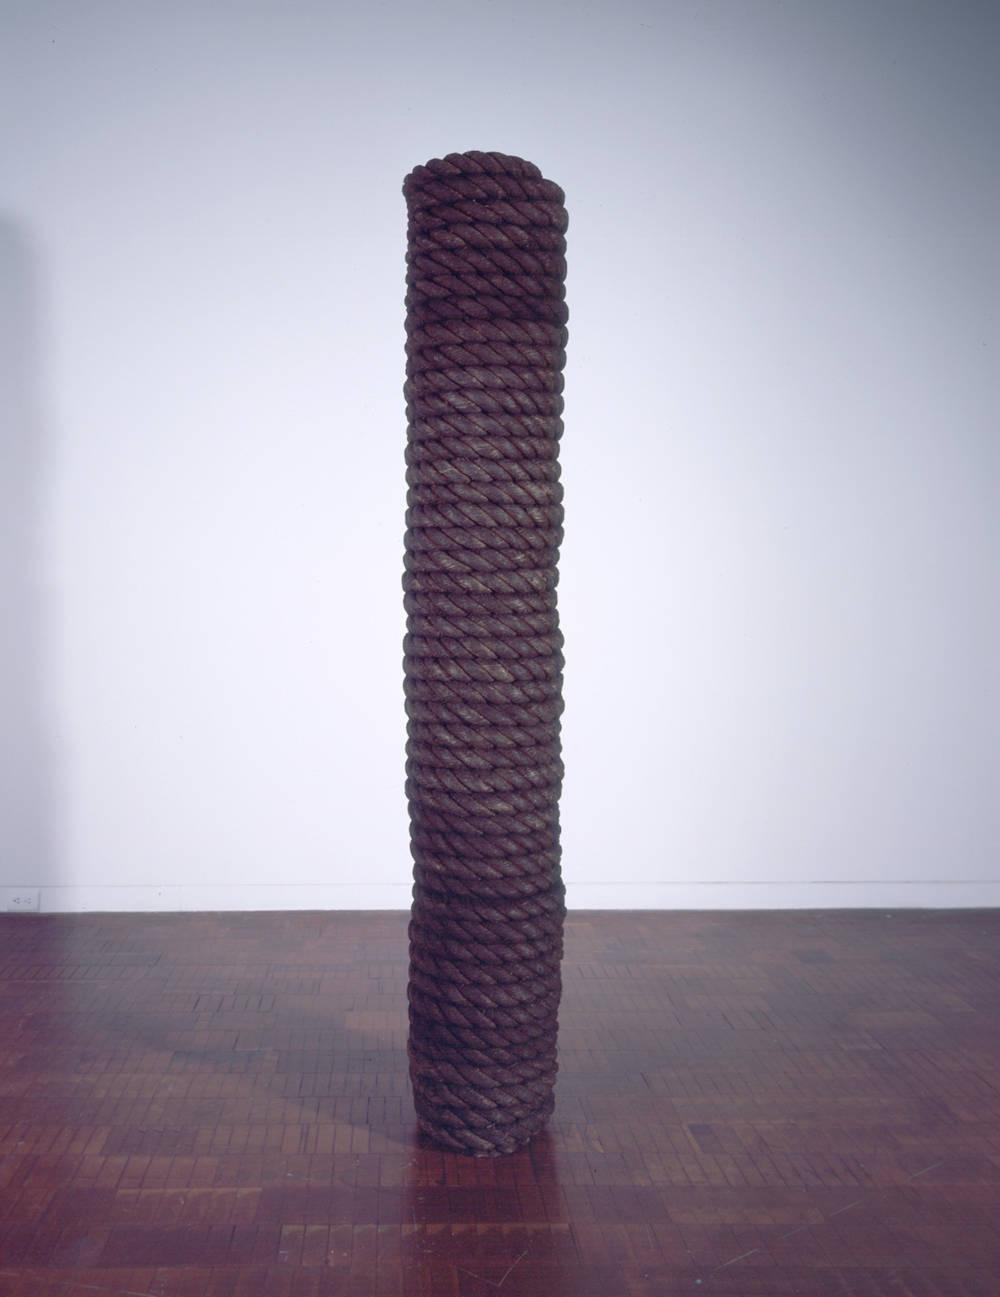 Dark Vertical Cylinder